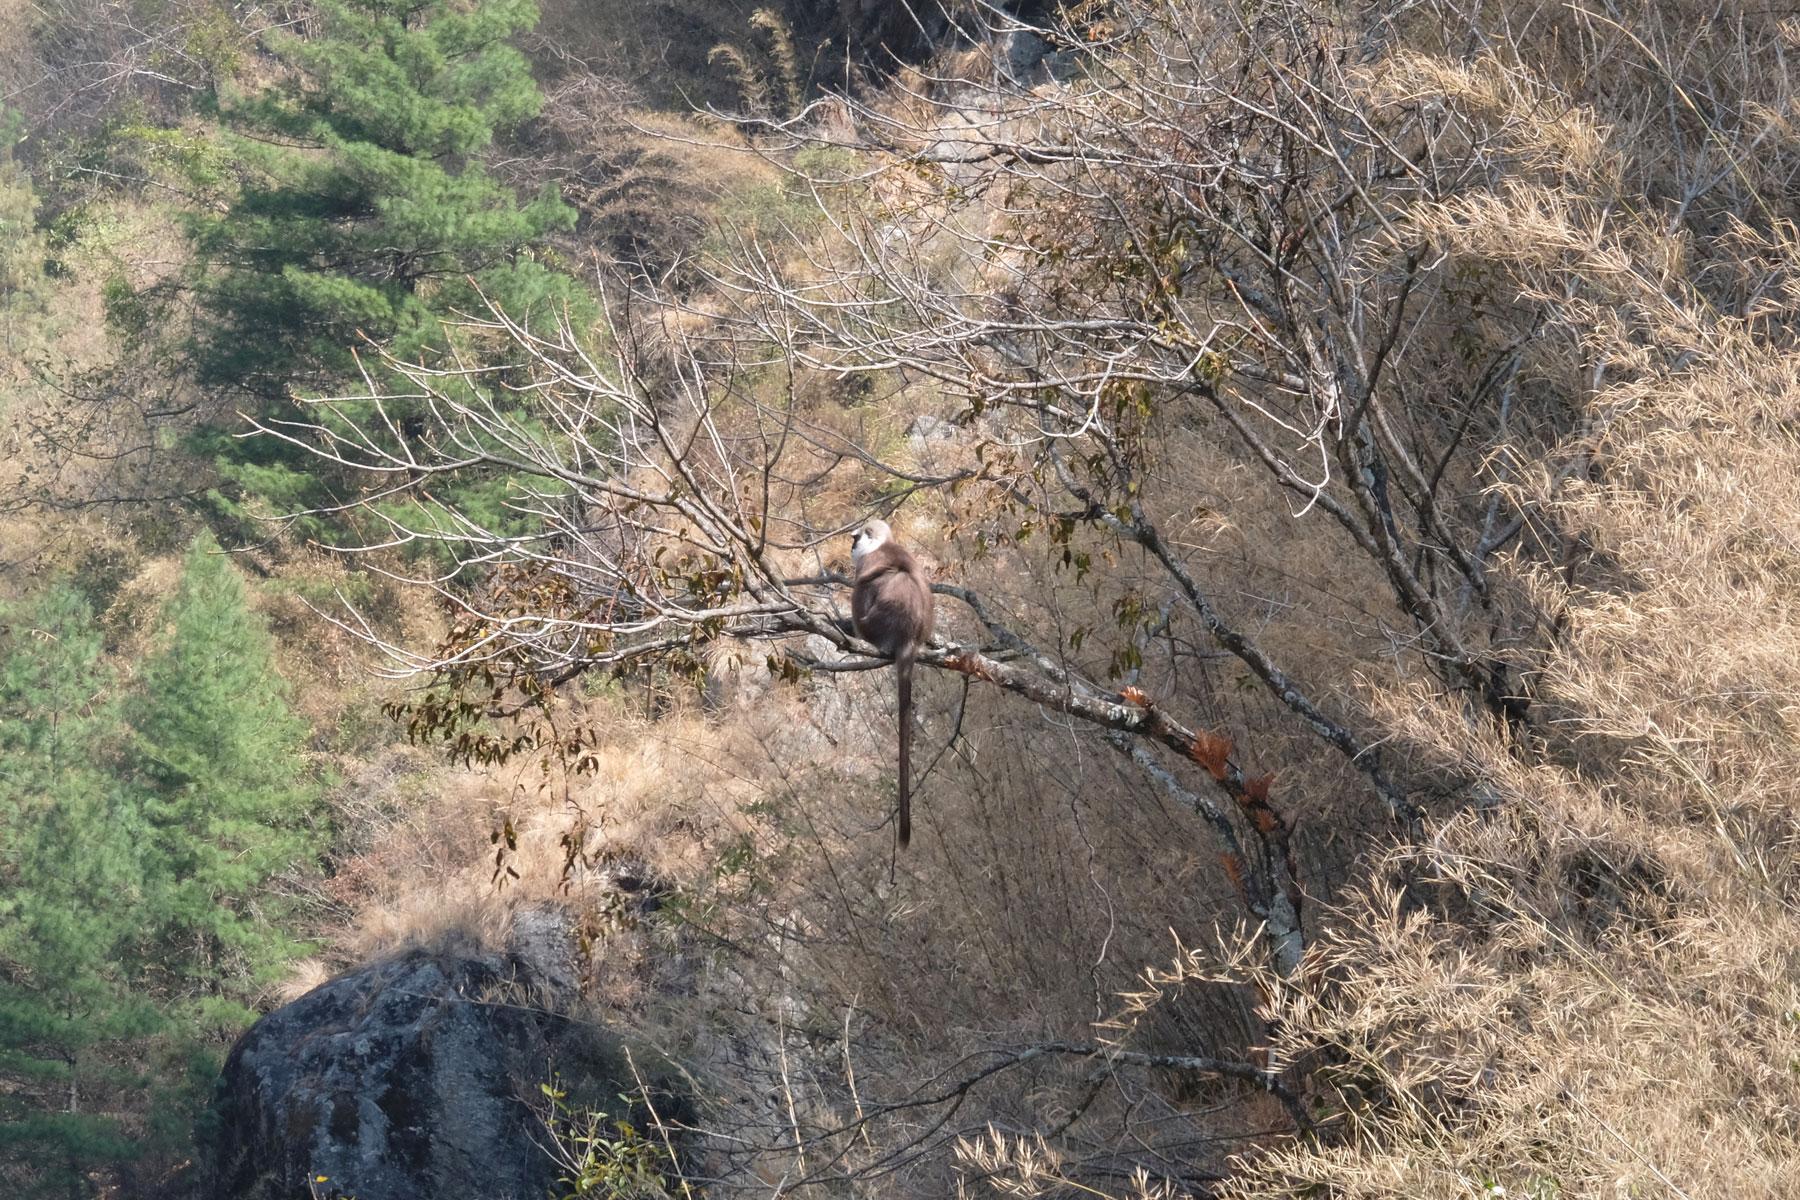 Ein Affe sitzt auf einem Baum.